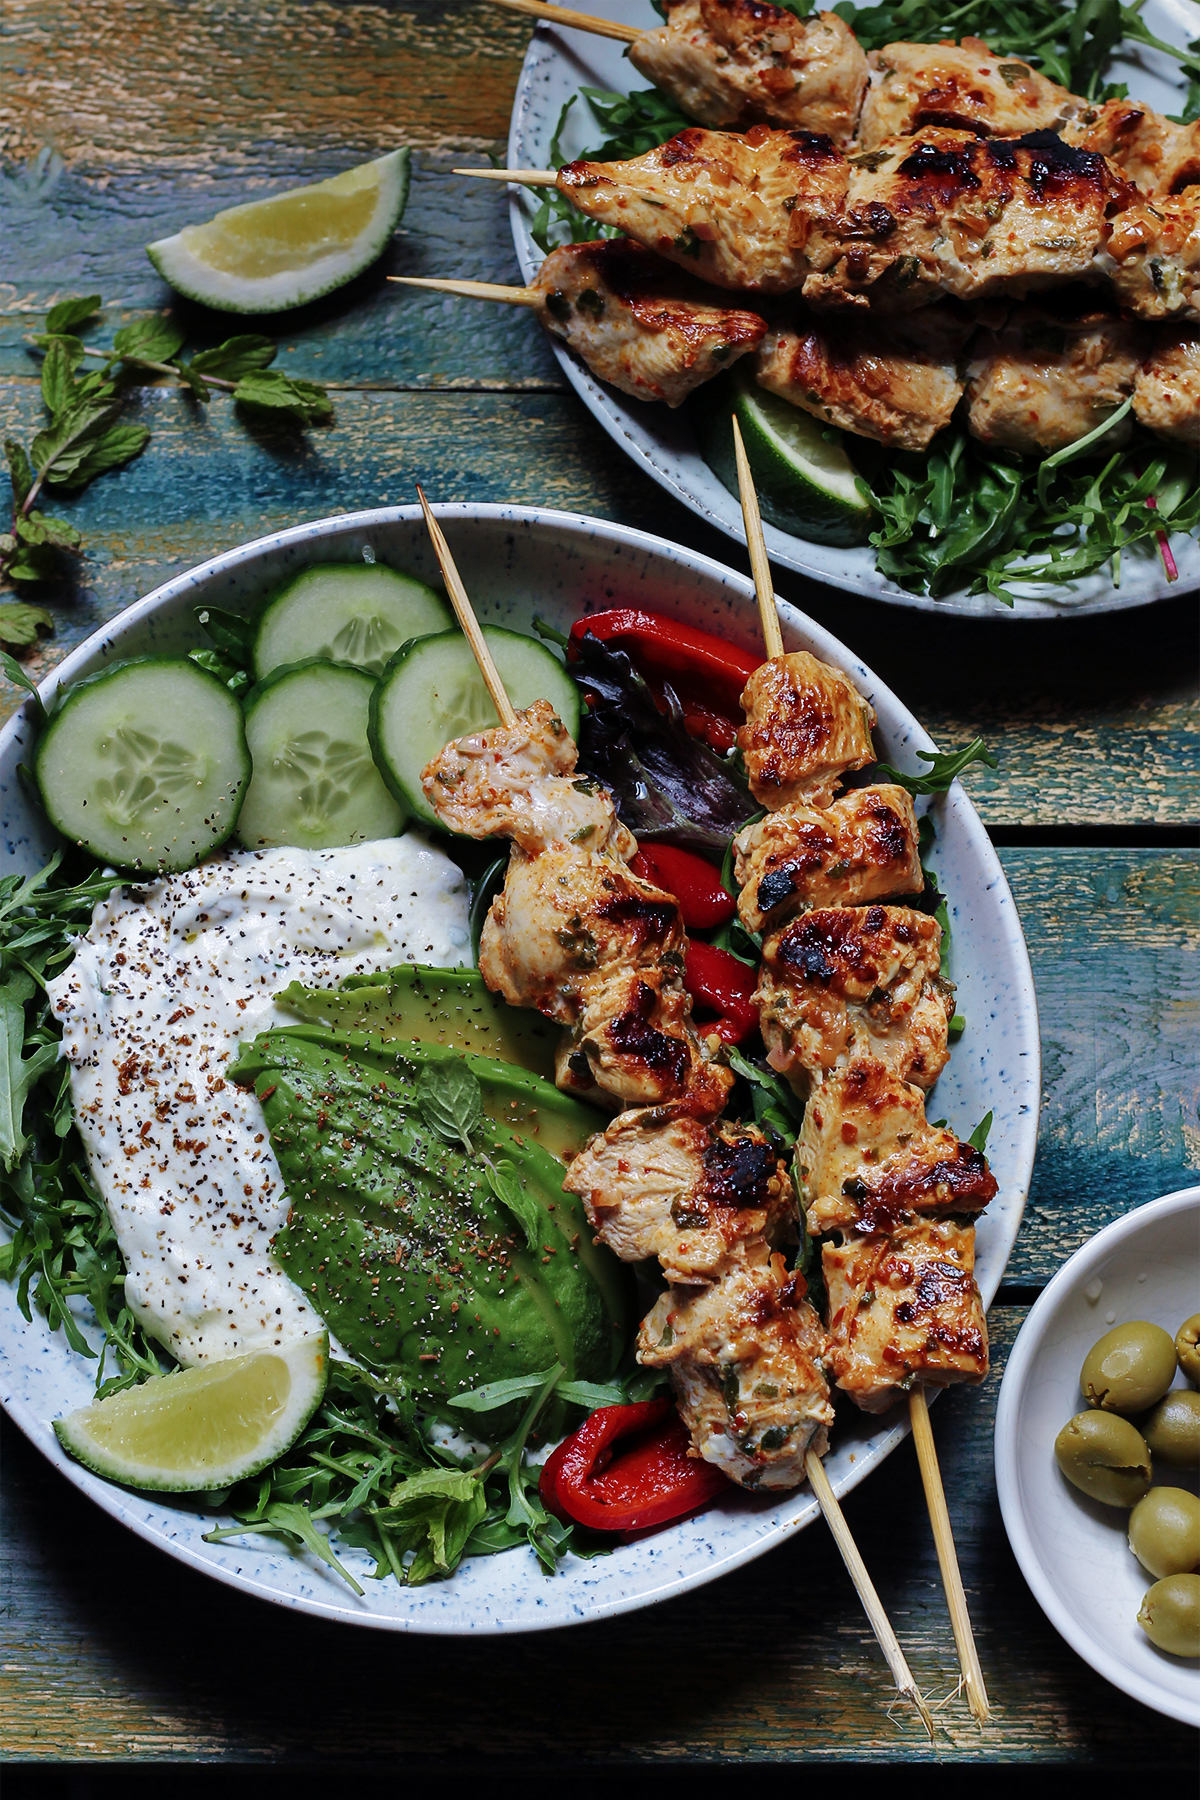 grillowne szaszlyki kuchnia ketogeniczna przepis